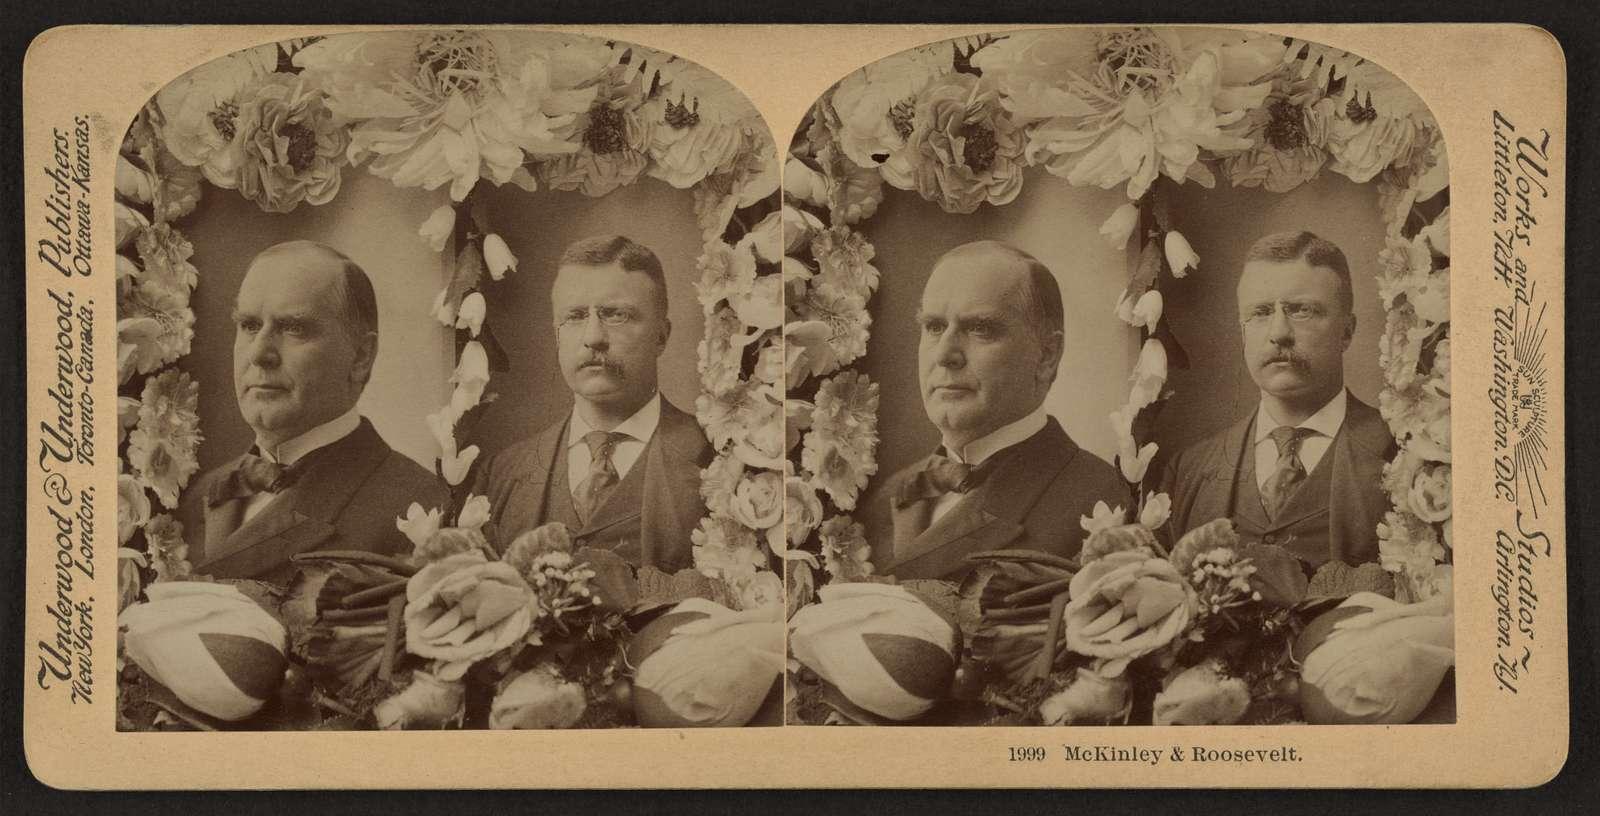 McKinley & Roosevelt